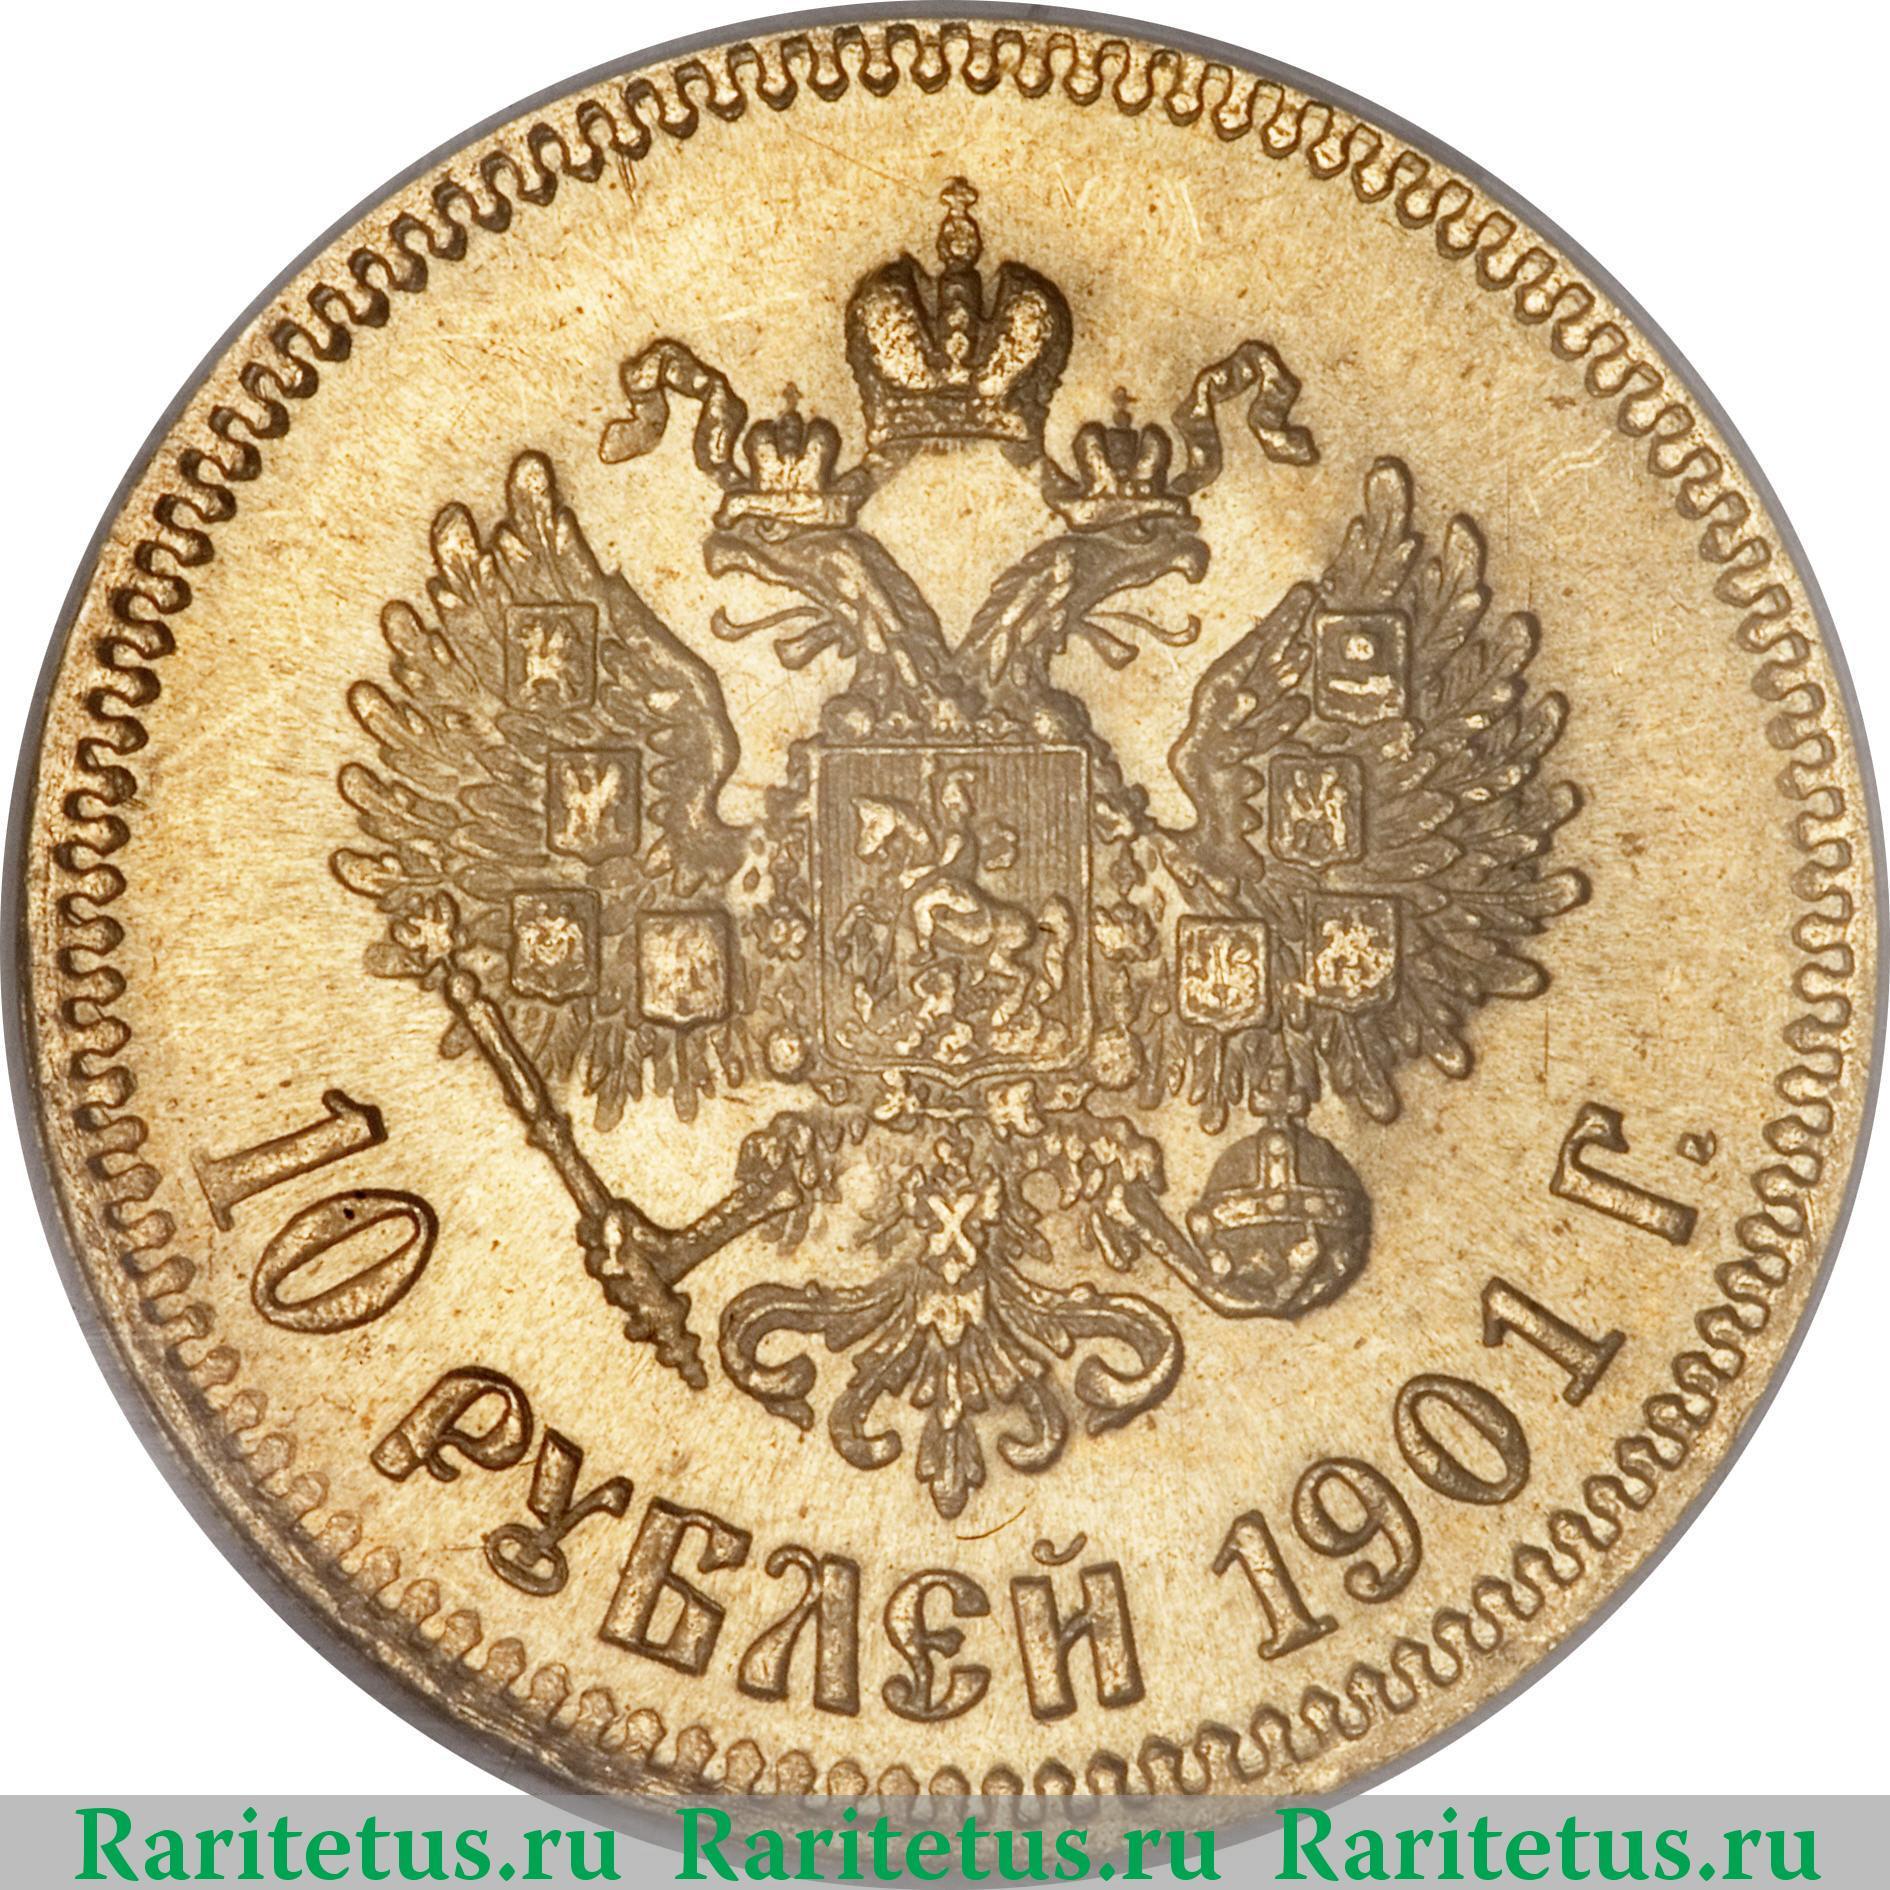 10 рублей 1901 года золото цена на сегодня с фото недорогой интернет магазин монет